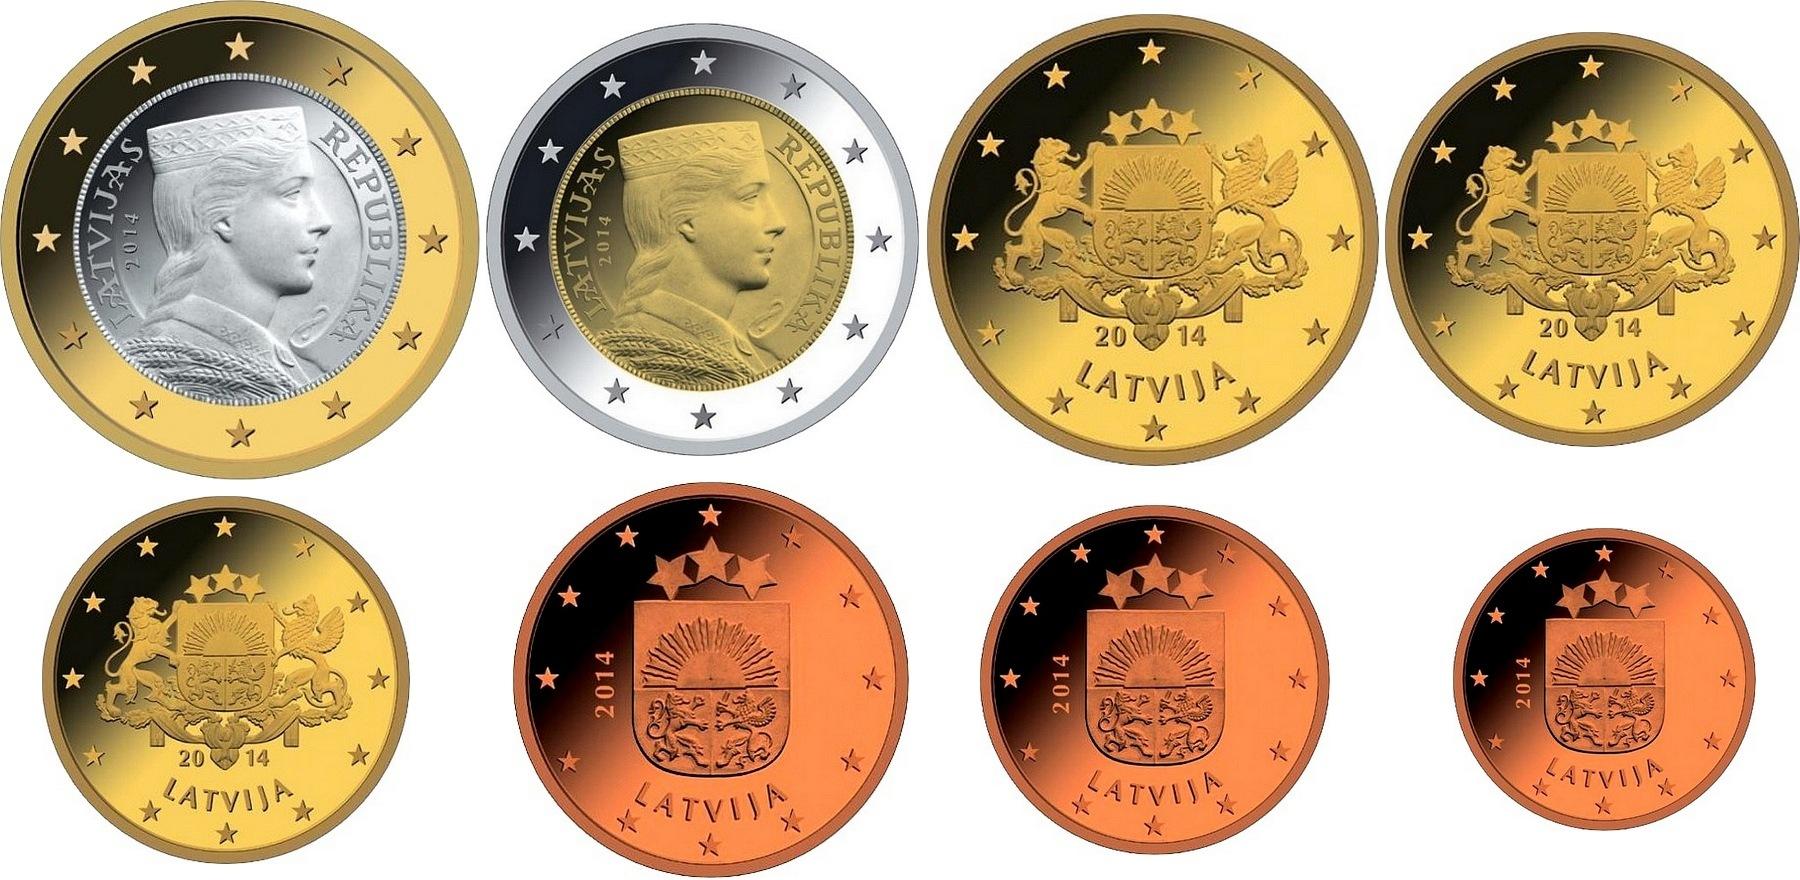 Lotyšské euromince, novinka letošního roku